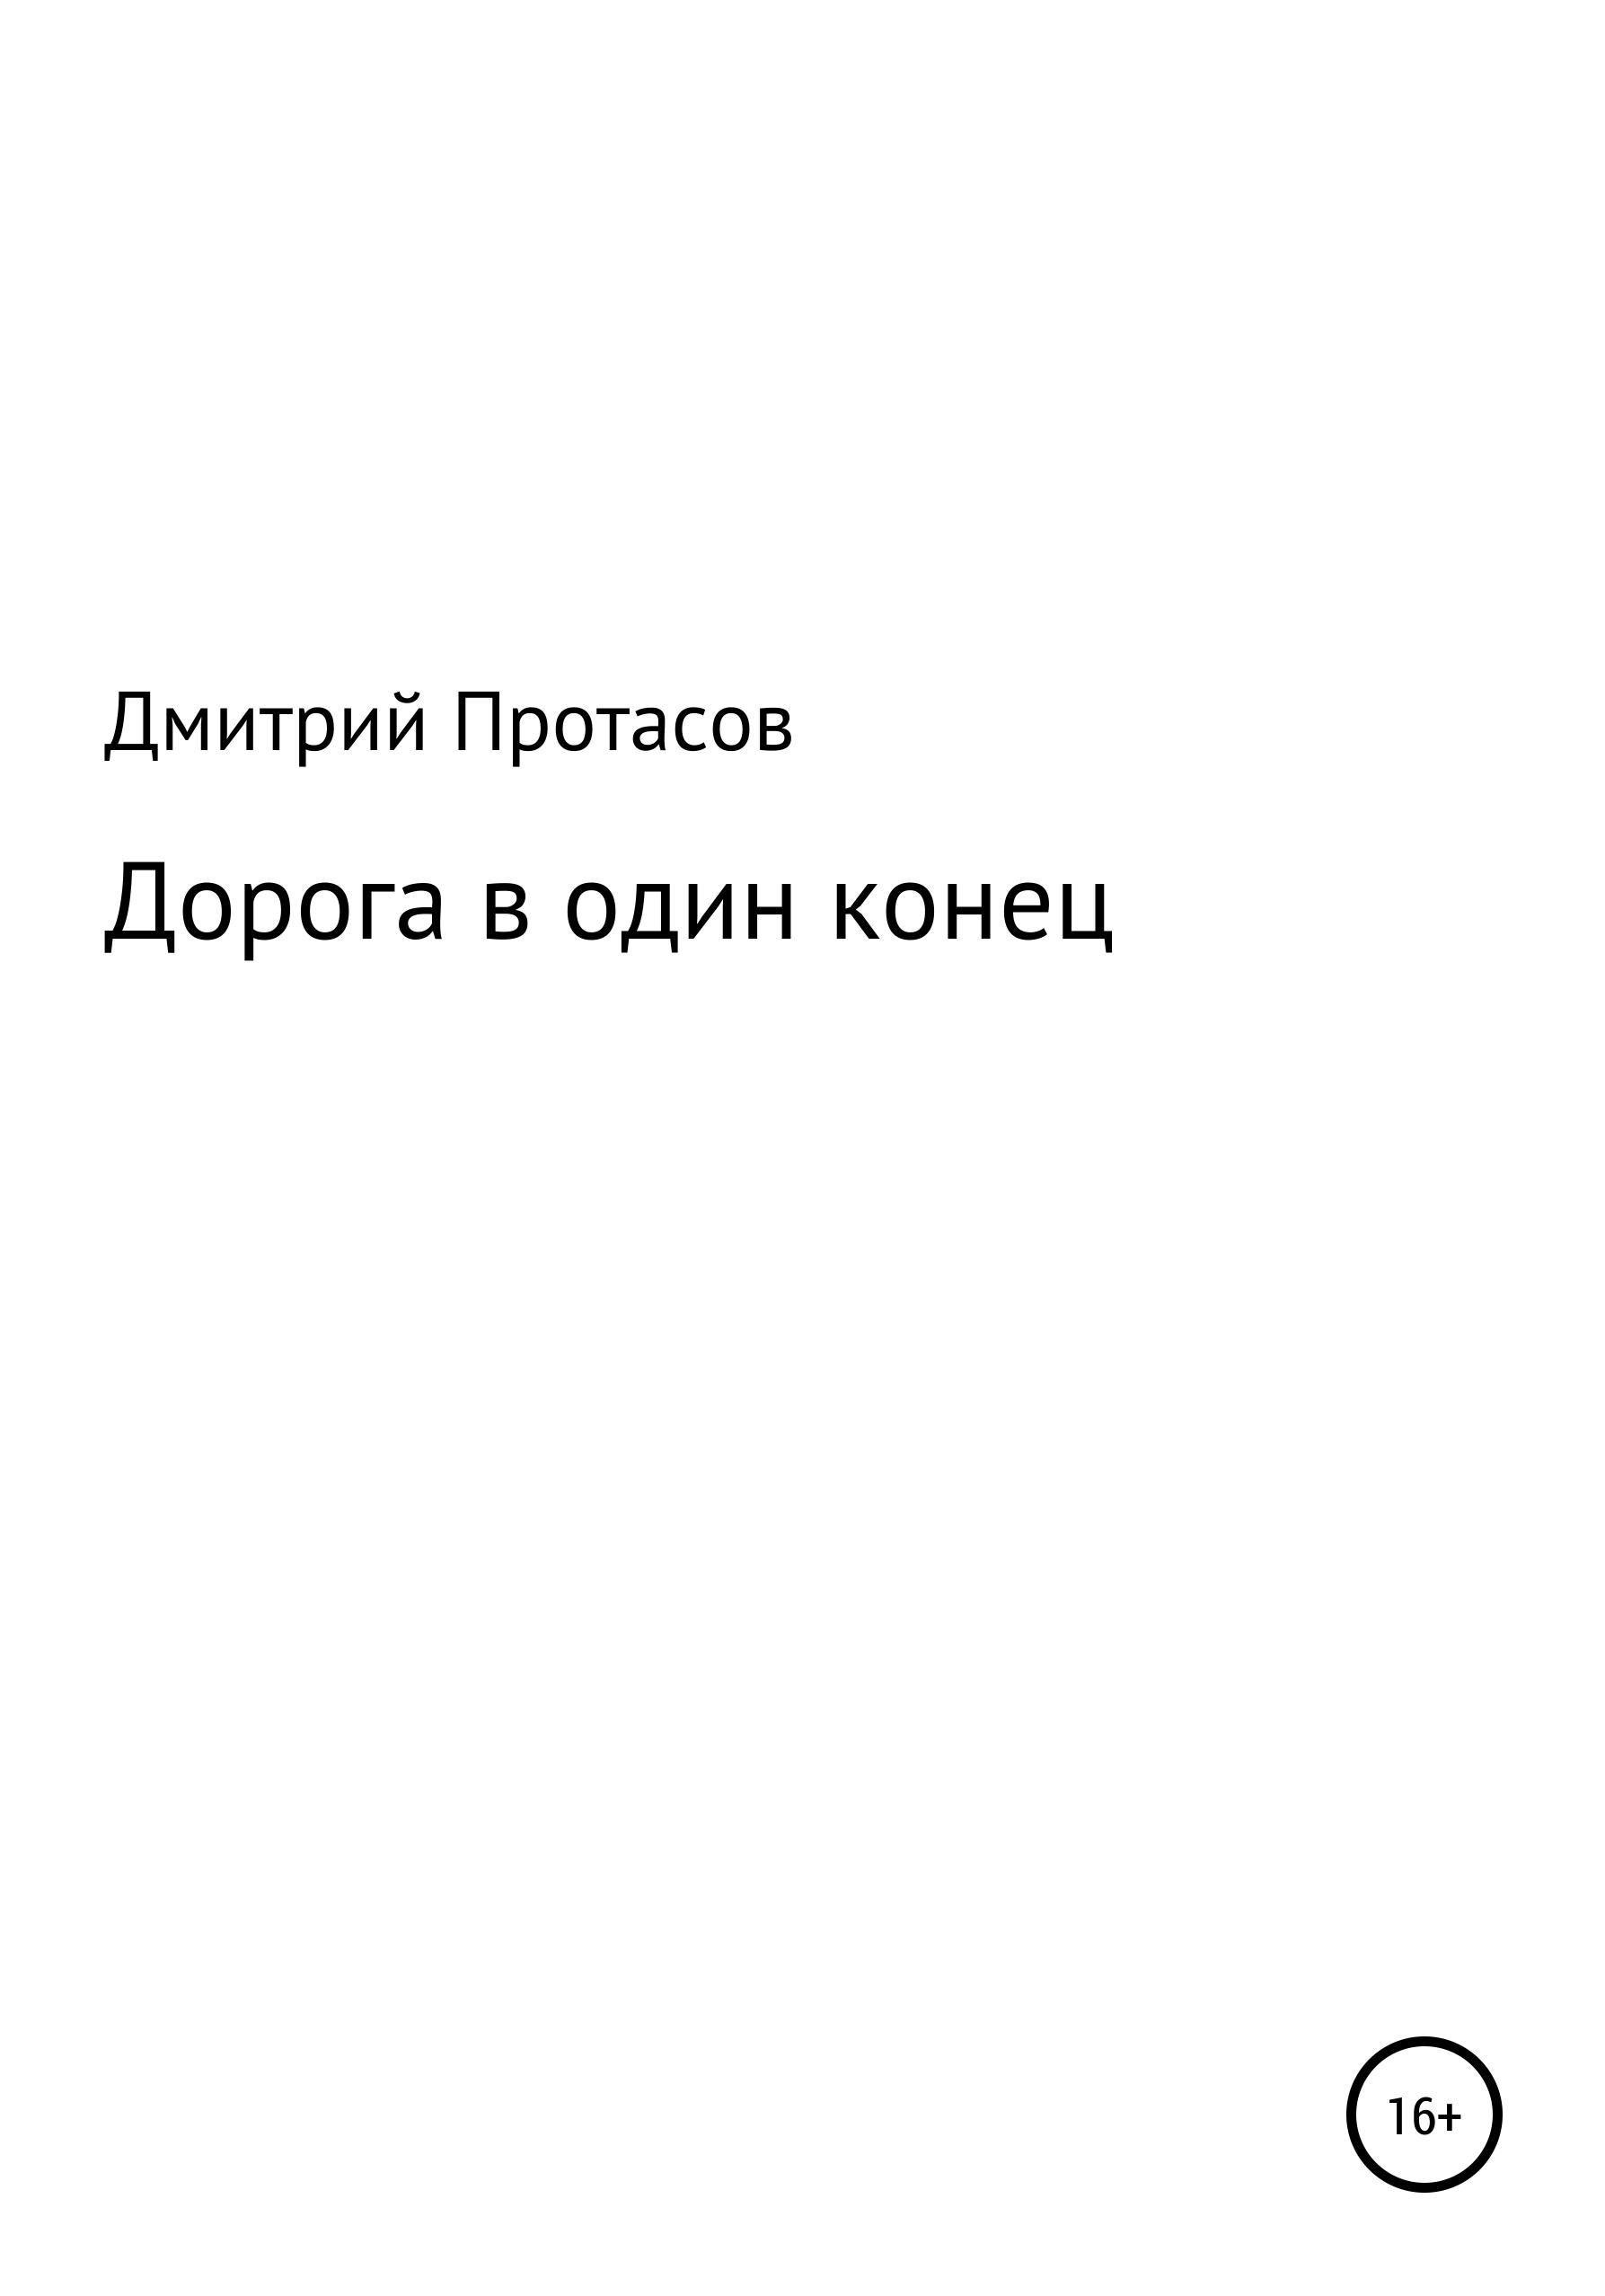 Купить книгу Дорога в один конец, автора Дмитрия Георгиевича Протасова